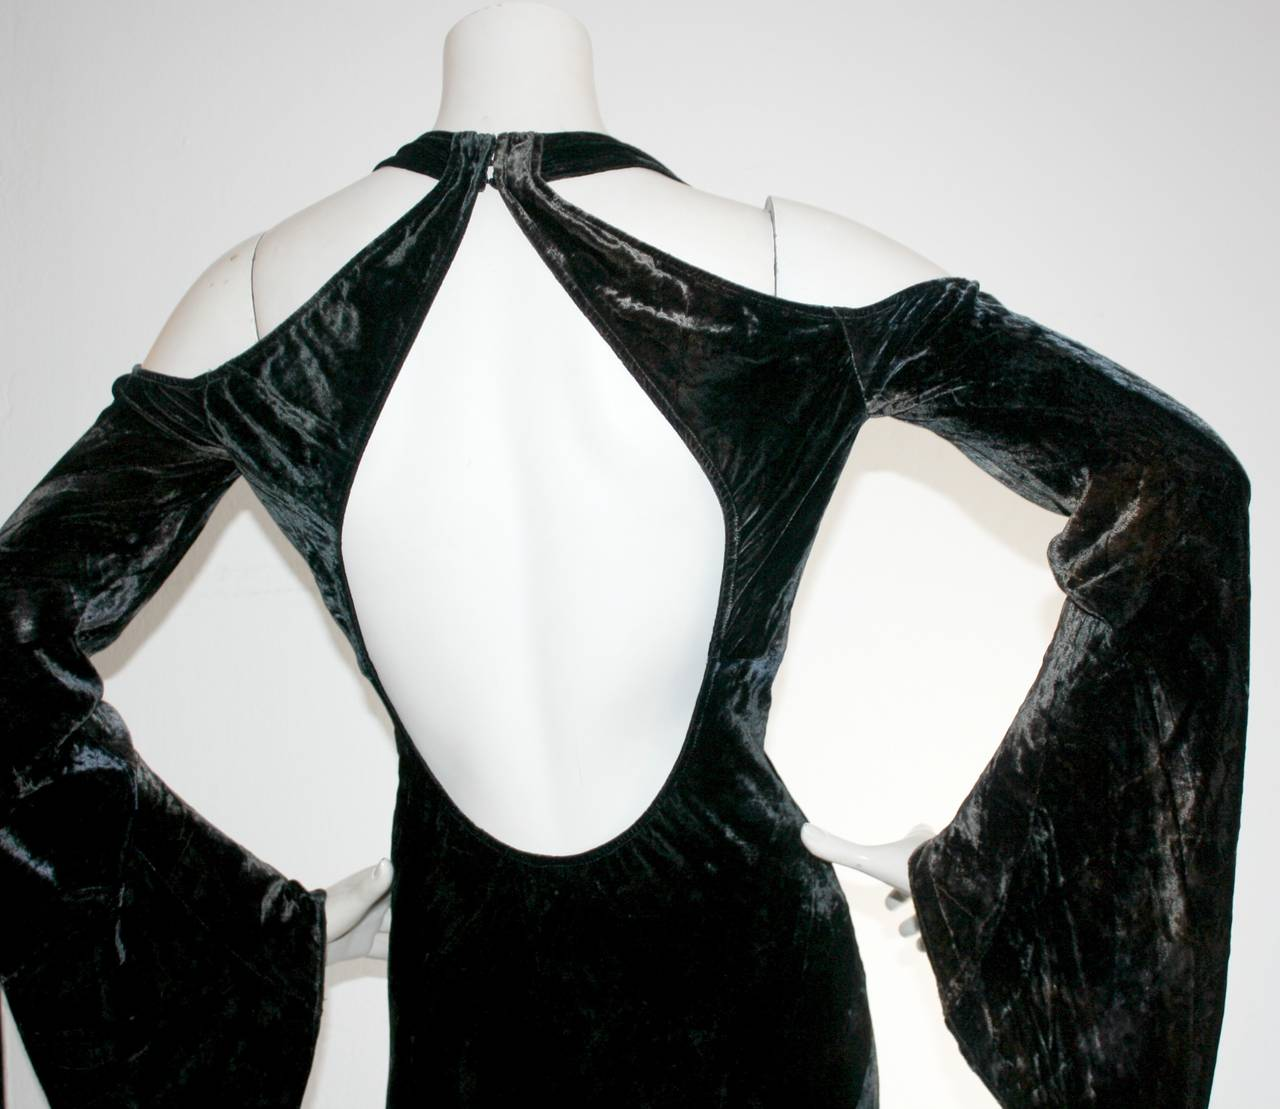 Vintage Donna Karan Ombré Crushed Velvet Blue & Green Open Back Runway Gown For Sale 5